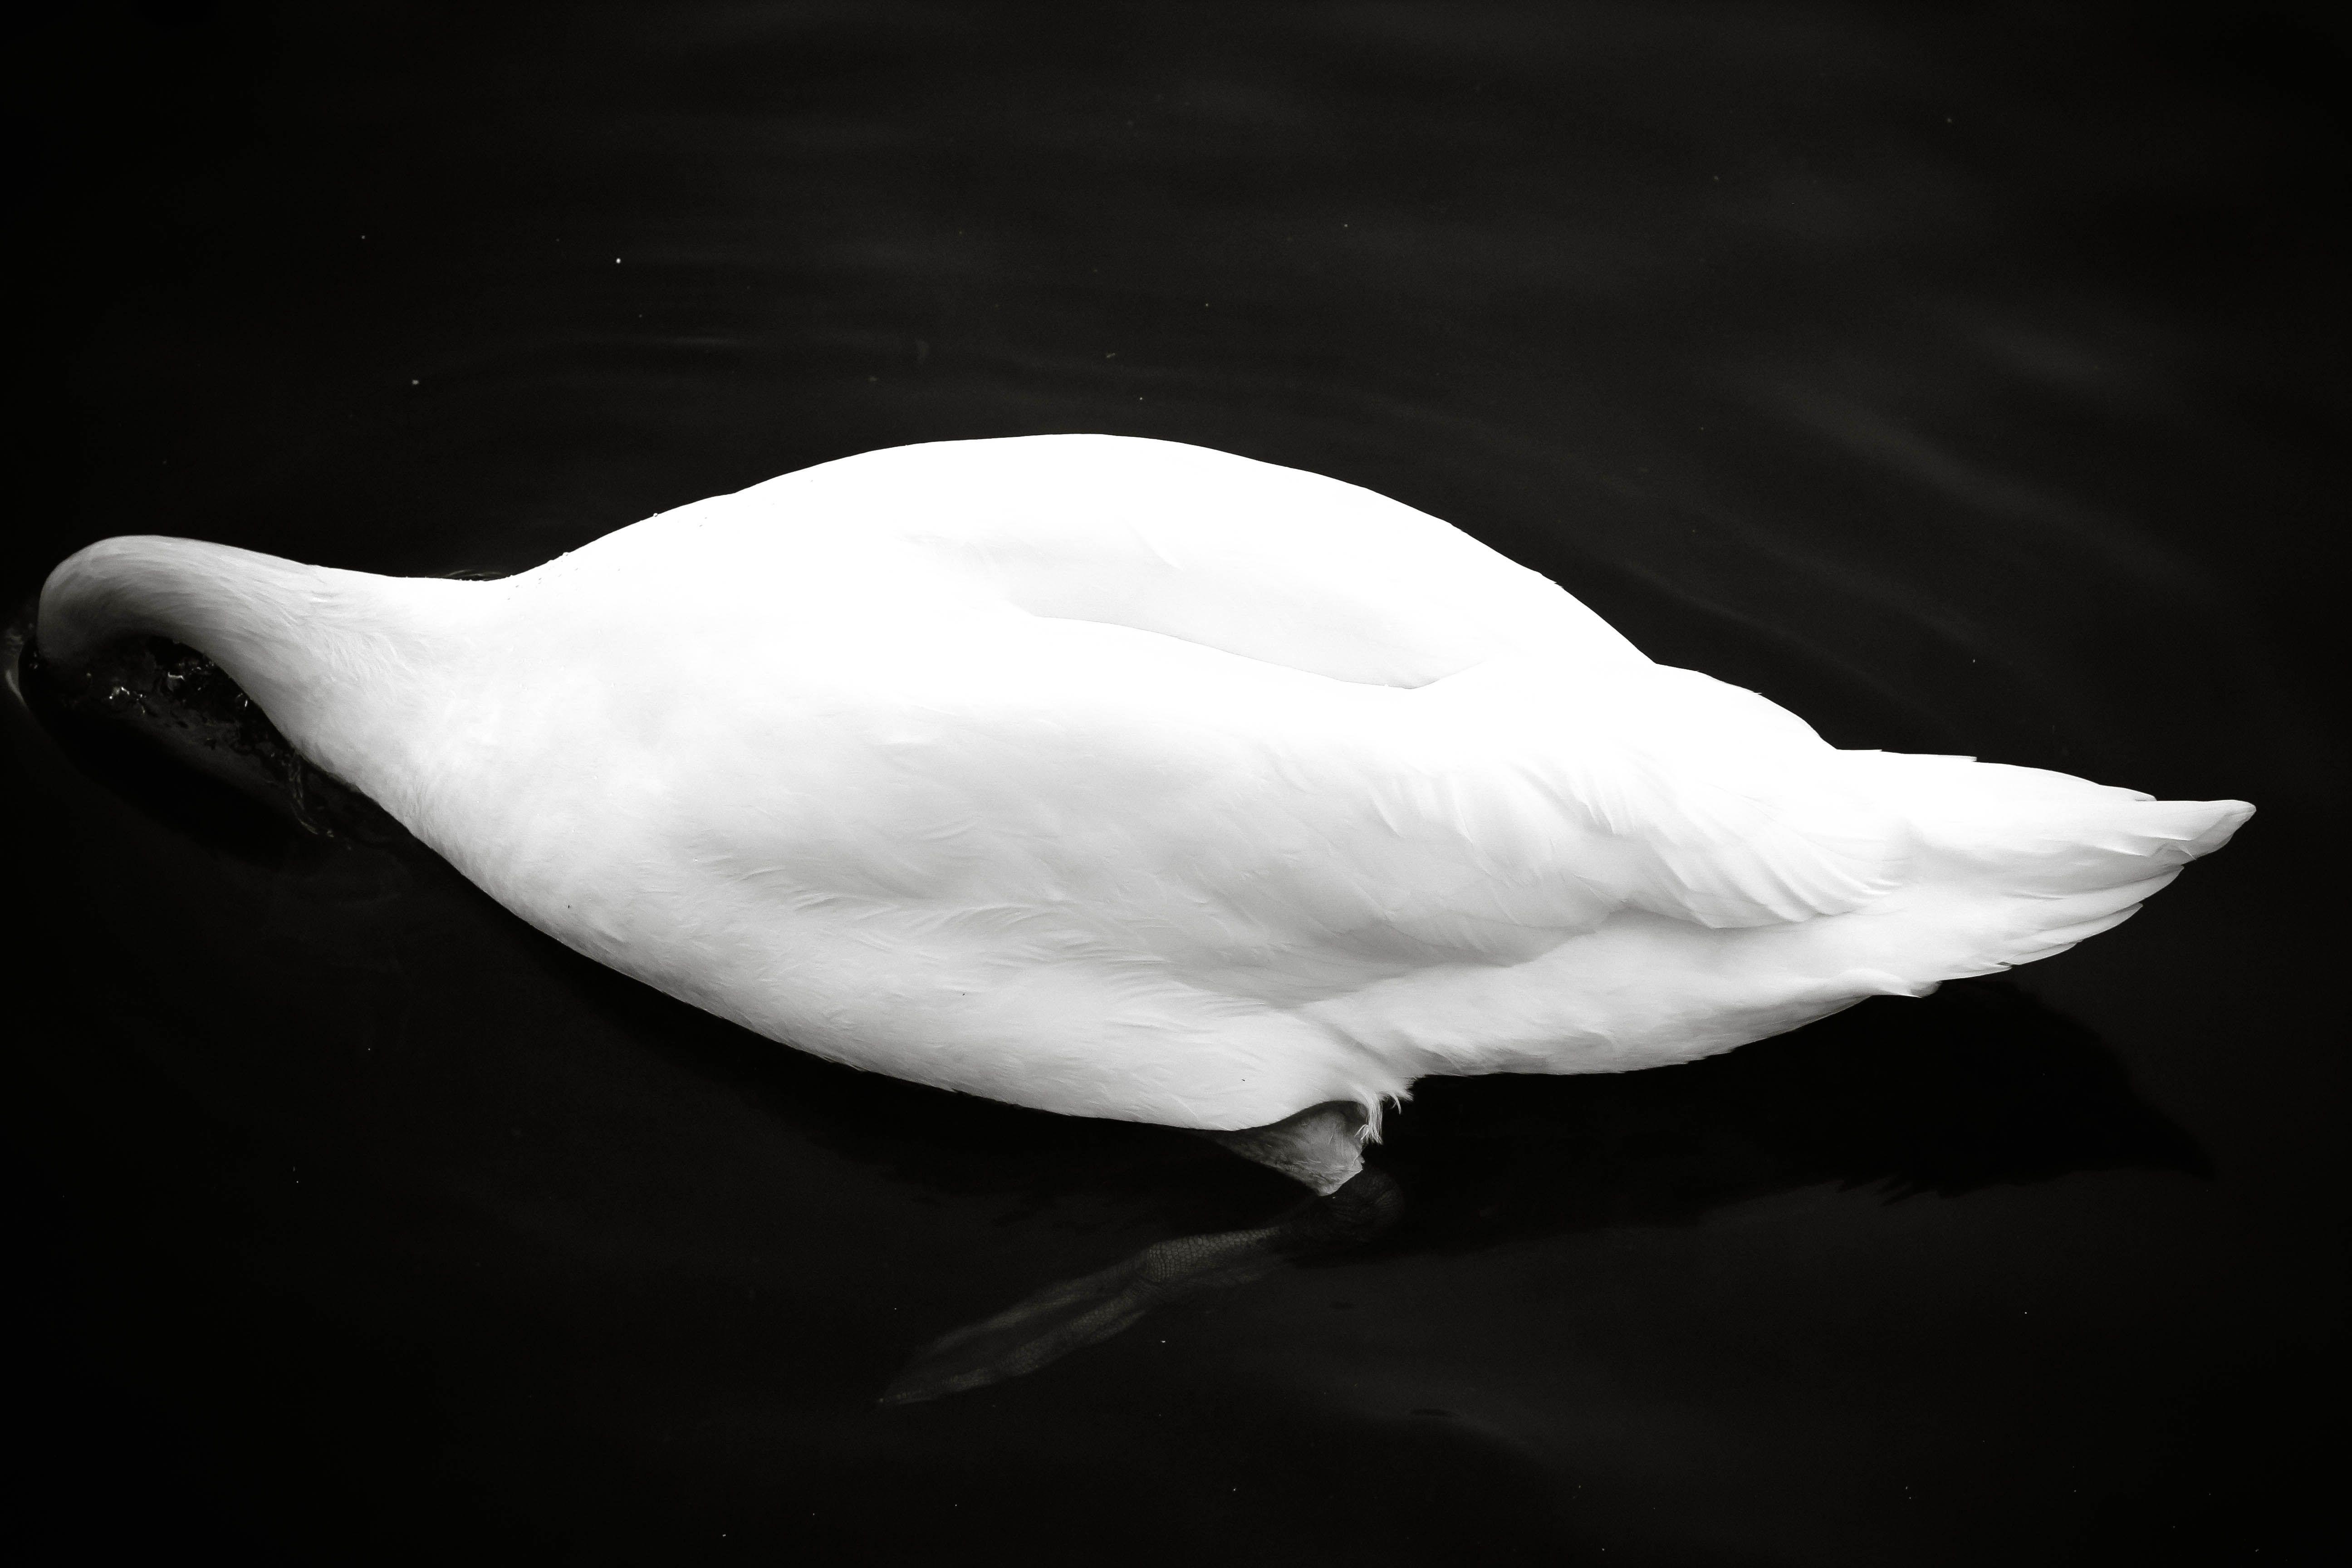 Roundhay Park, Leeds, 2013, Canon EOS 600 D. #swan #schwan #animal #animals #nature #wild #lake #sea #see #water #wasser #swimming #schwimmen #bird #vogel #art #vintage #BlackandWhite #black #white #blackwhite #bnw #bw #poetry #photography #travel #TravelPhotography #travelling #travelphotodiary #travelphotojournalism #fun #love #autumn #europe #england #uk #britain #englisch #english #2013 #canoneos600d #canon #leeds #roundhay #roundhaypark #park